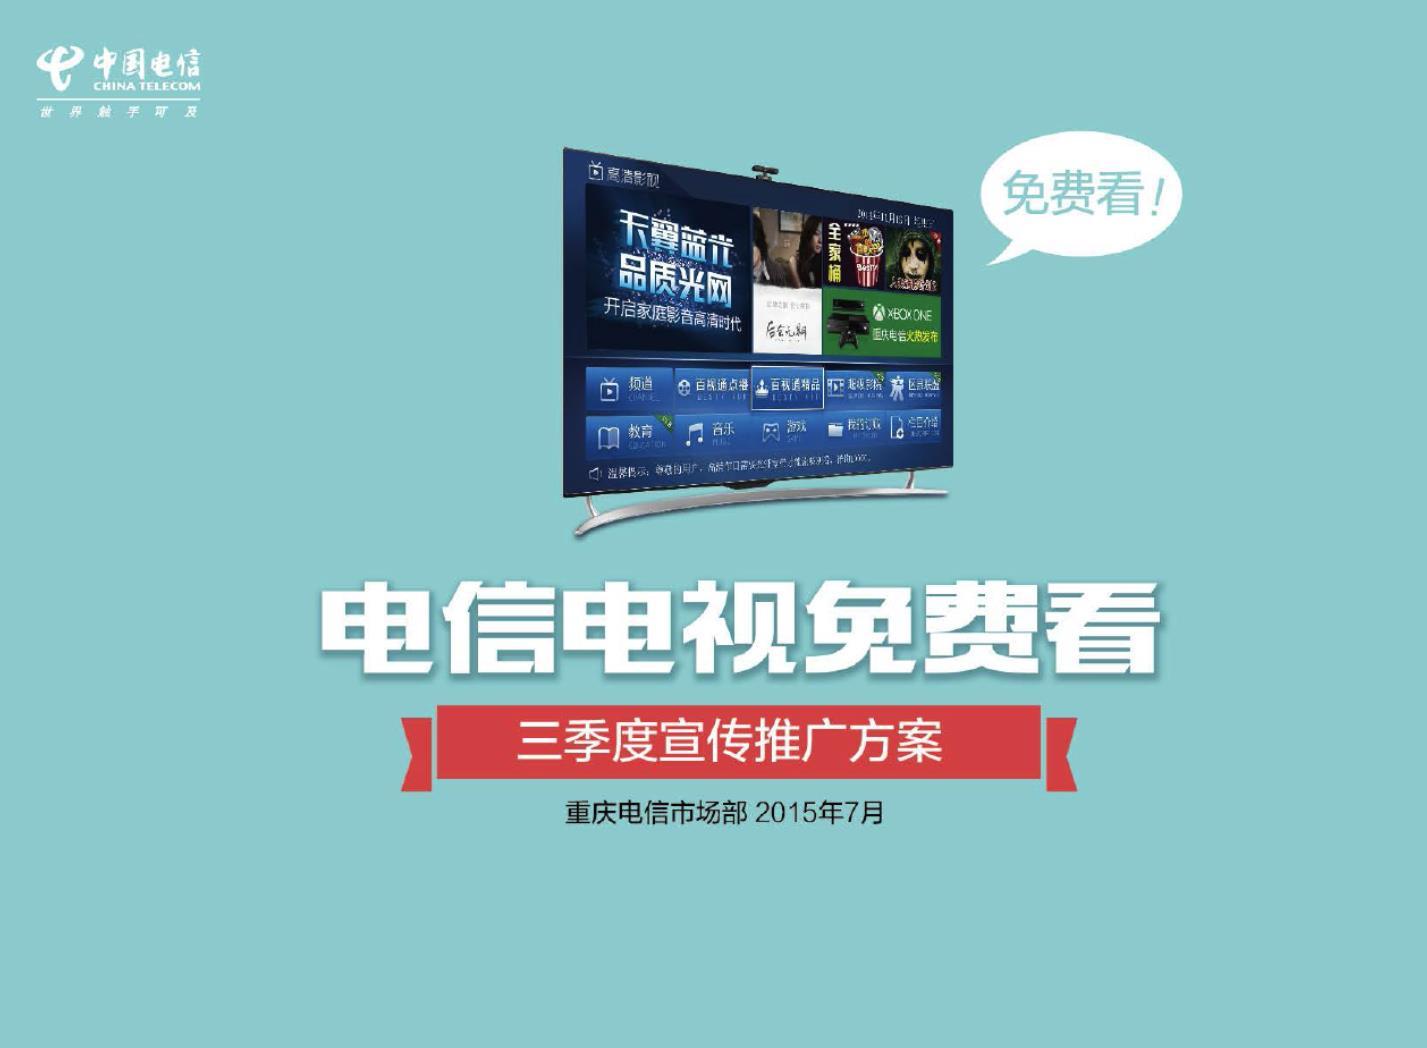 重庆电信Q3营销推广